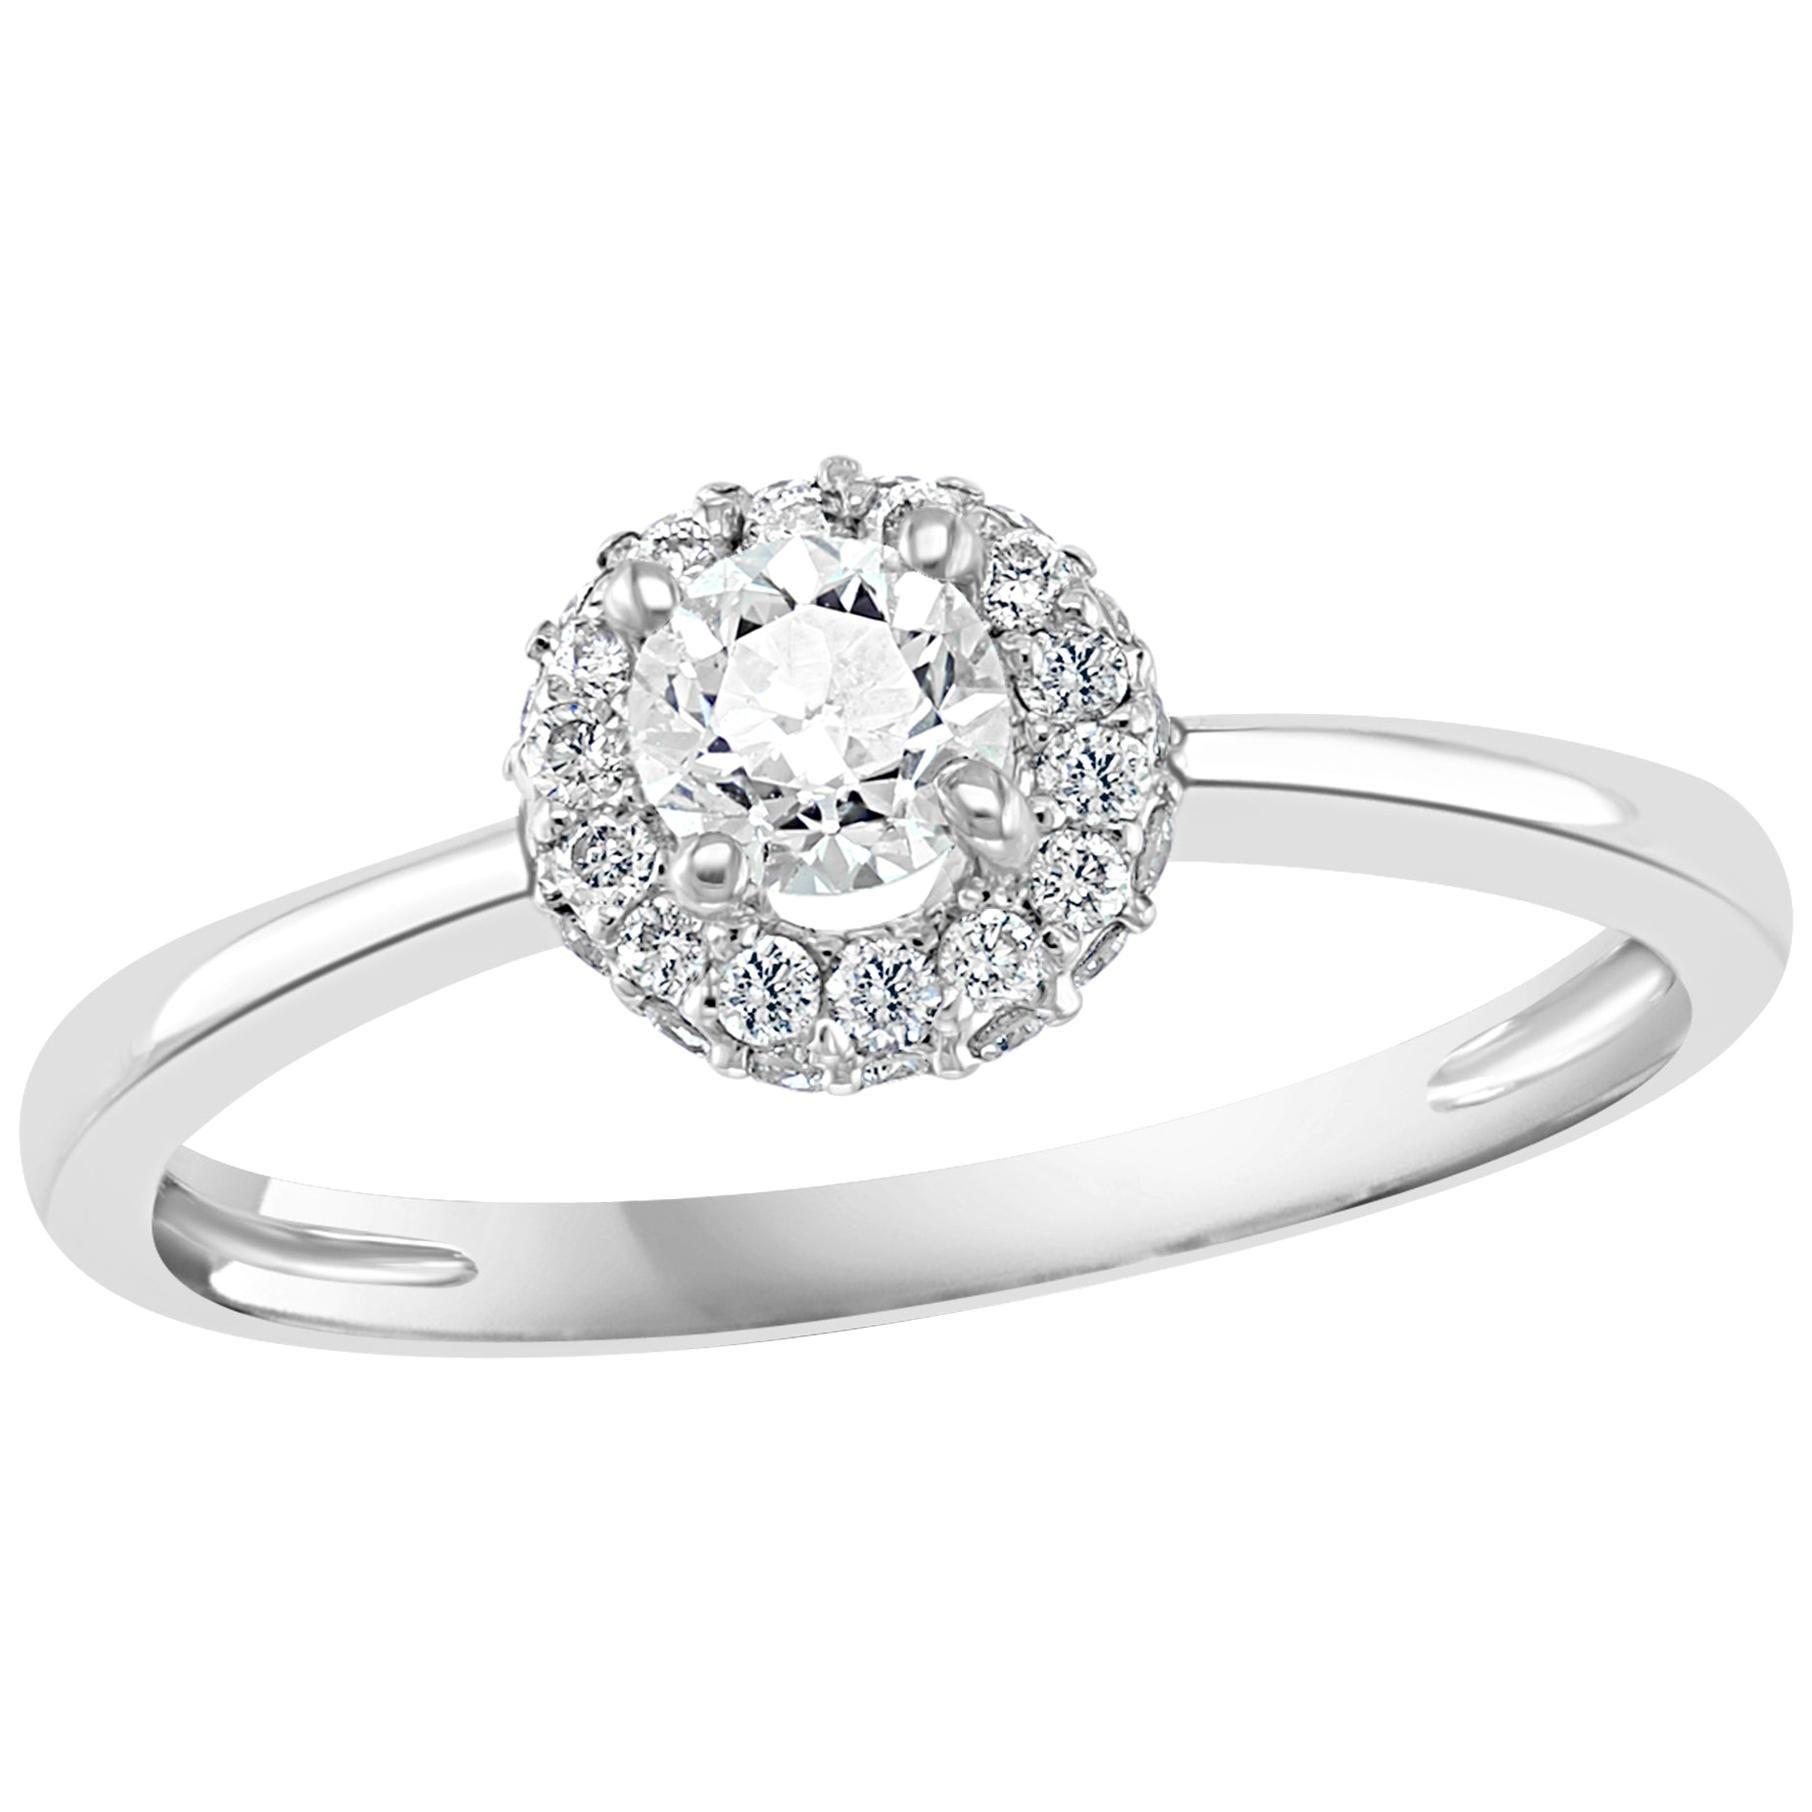 Diamond 0.6 Carat Traditional Ring/Band 14 Karat White Gold, Halo Ring